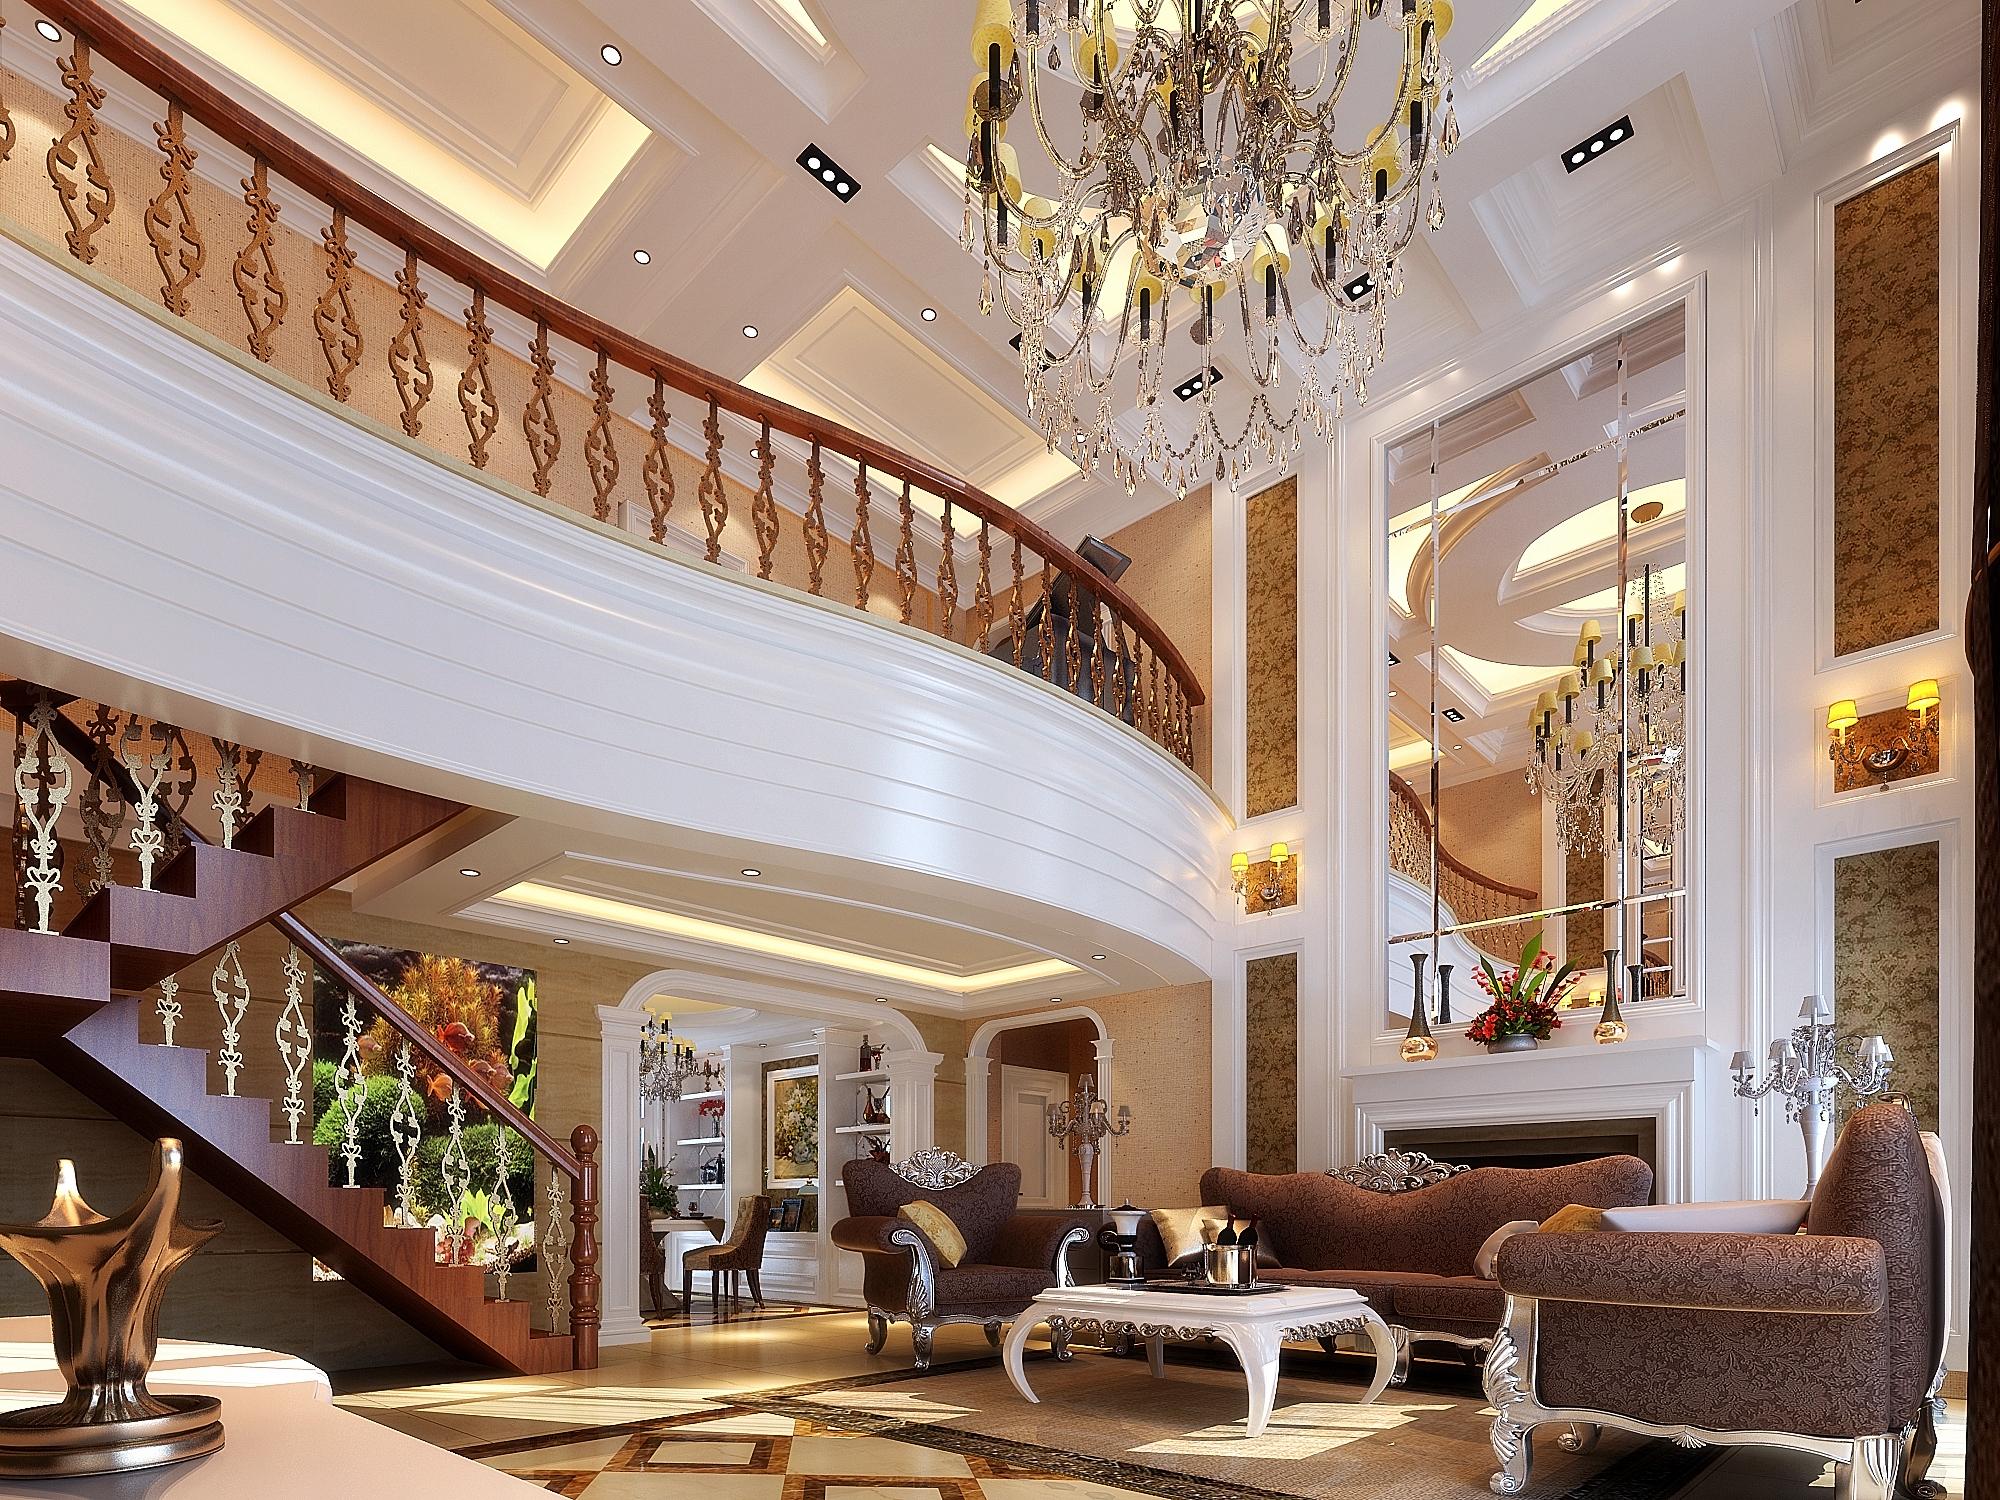 本案是龙之梦欧式风格别墅装修效果图,本案最大的特点图片